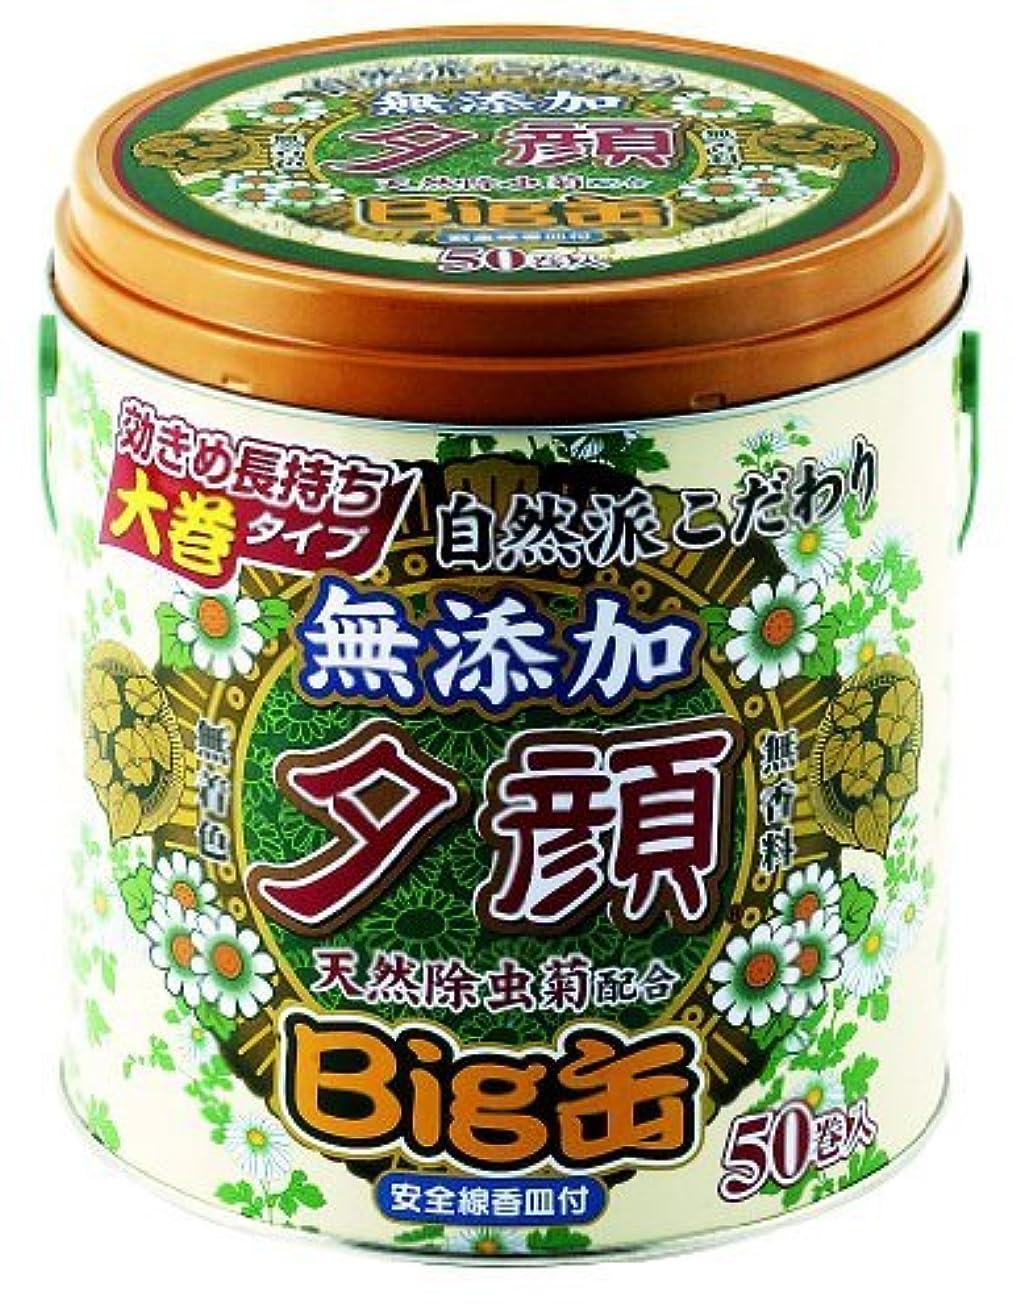 紀陽除虫菊 夕顔 天然 蚊とり線香 L50巻 Big 缶入【まとめ買い12個セット】 T-8504